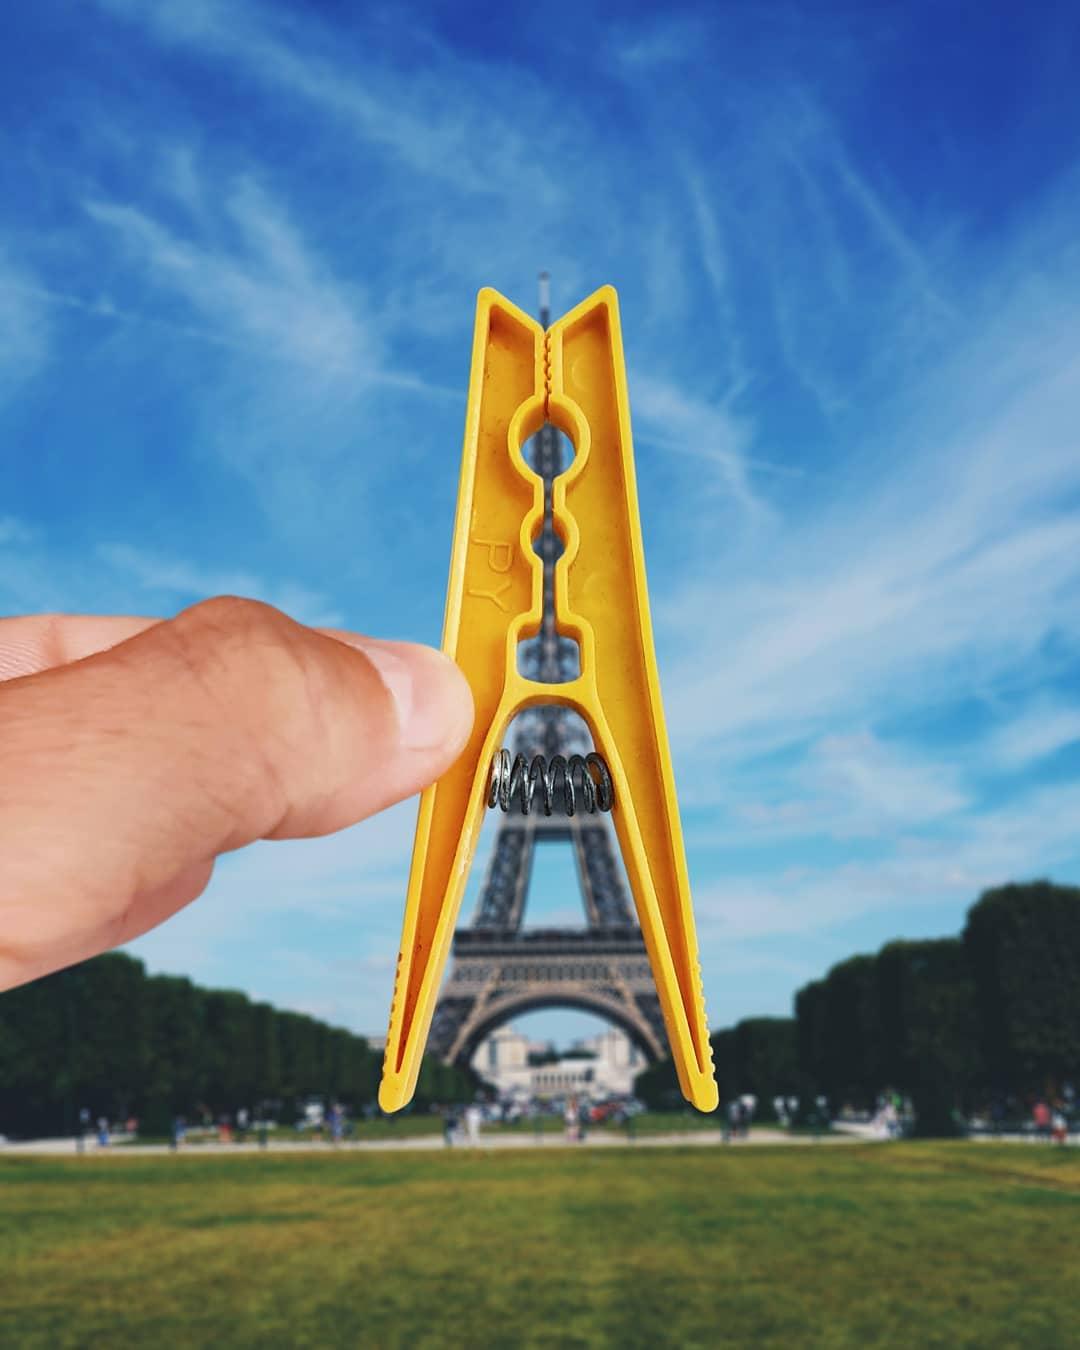 Tháp Eiffel tại Paris, Pháp được liên tưởng với chiếc kẹp quần áo. Đây là công trình biểu tượng du lịch của kinh đô ánh sáng. Toà tháp cao 300 m, từng là công trình cao nhất thế giới cho đến khi bị toà nhà Chrysler tại New York soán ngôi vào 1929.